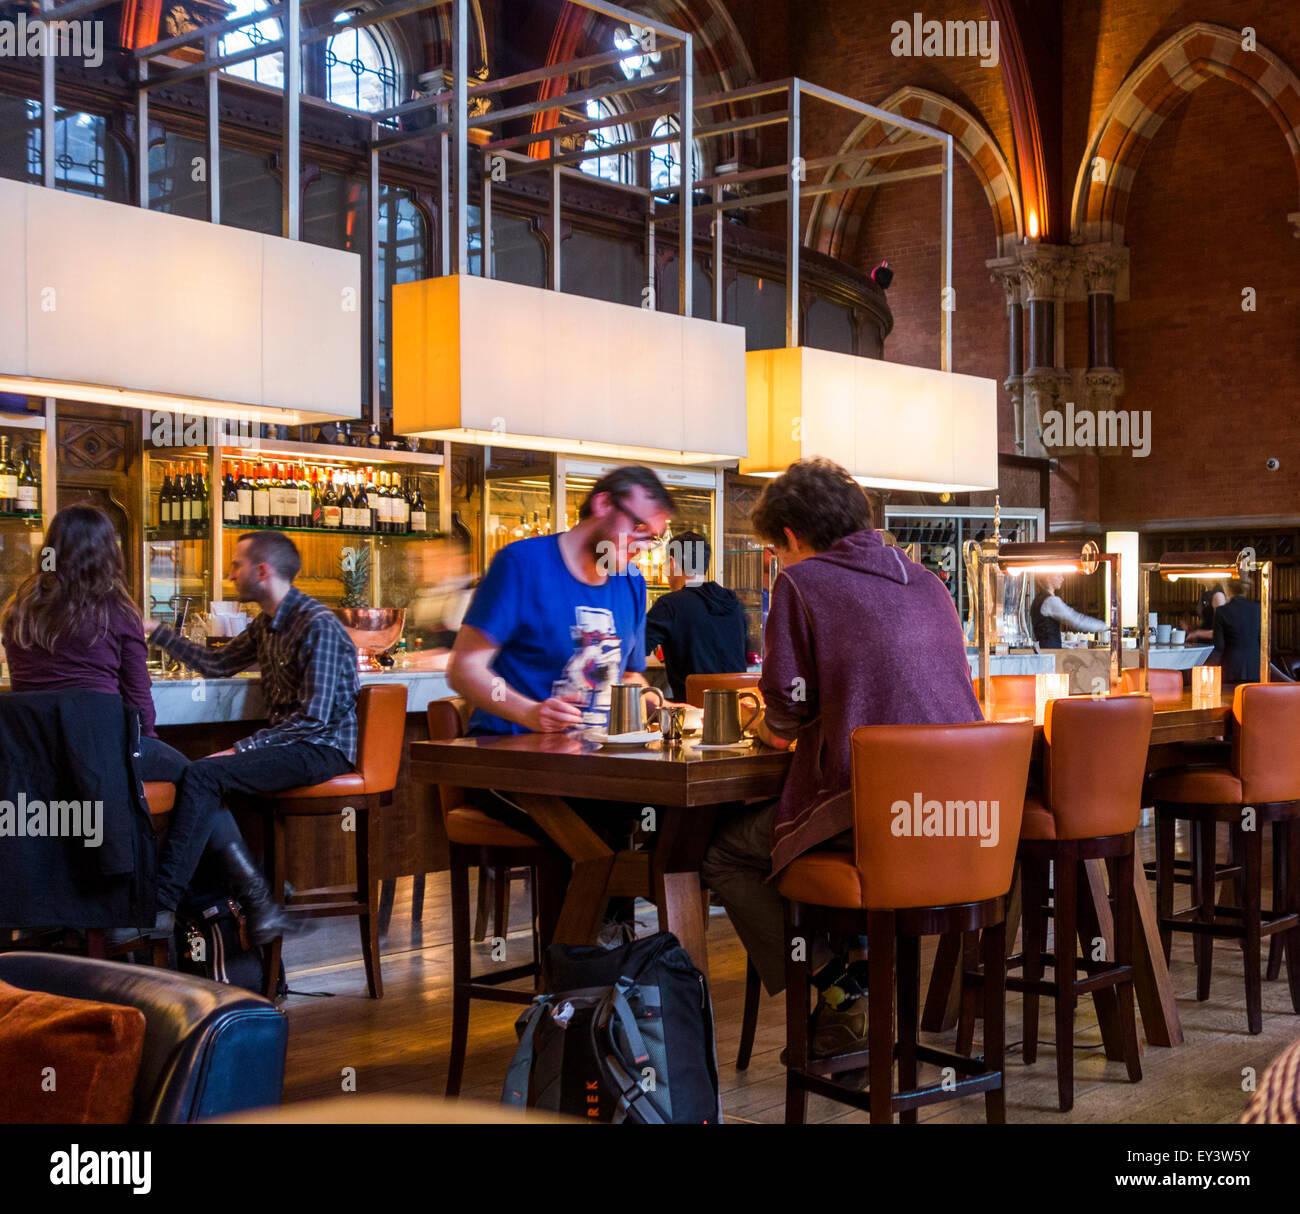 The Gilbert Scott Bar and Brasserie, St Pancras Renaissance Hotel, St Pancras, London, England, UK - Stock Image